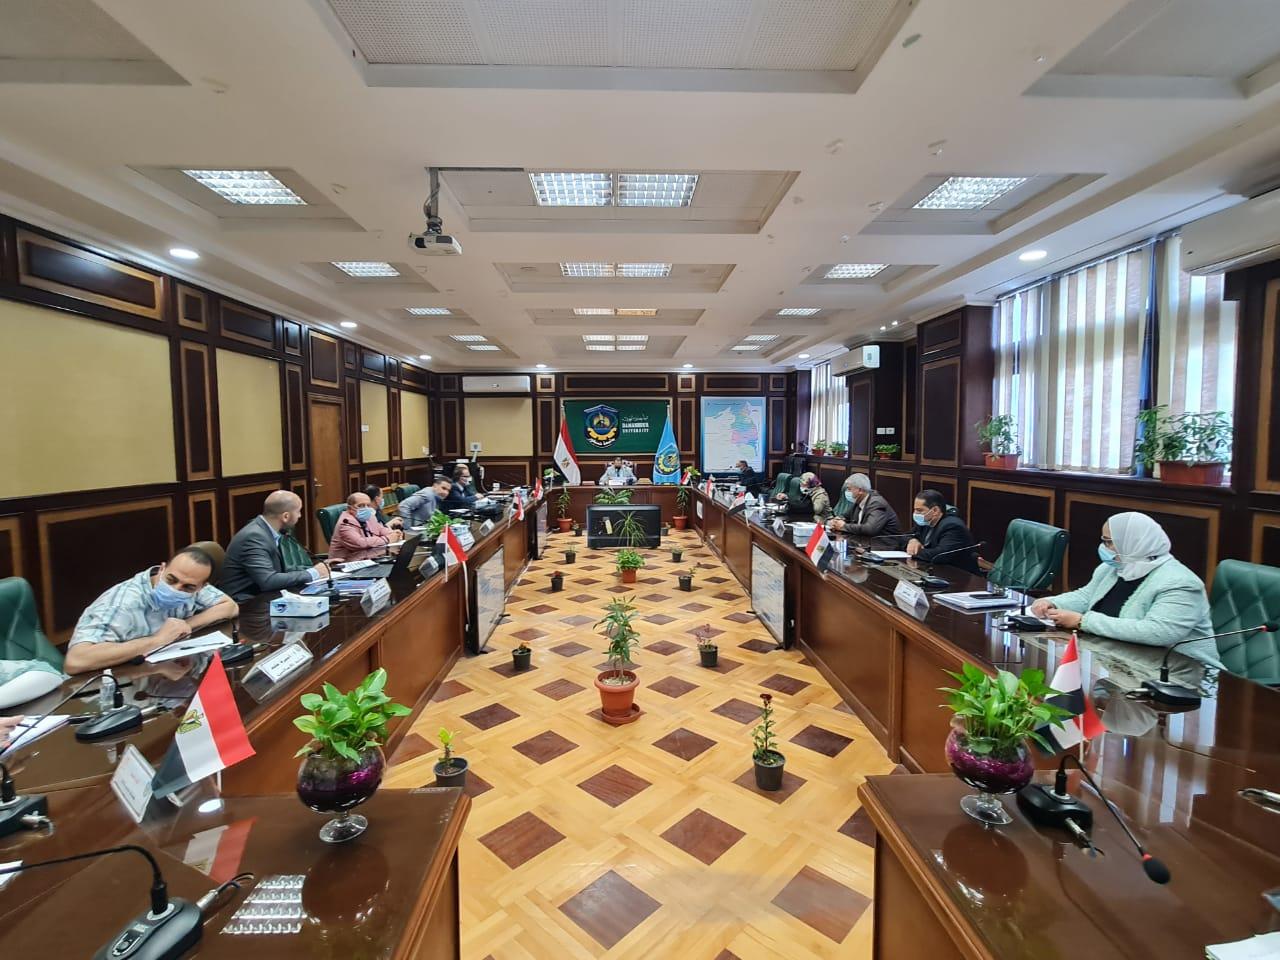 عقد ورش عمل دورية بجامعة دمنهور للتدريب على إعداد المقررات الإلكترونية